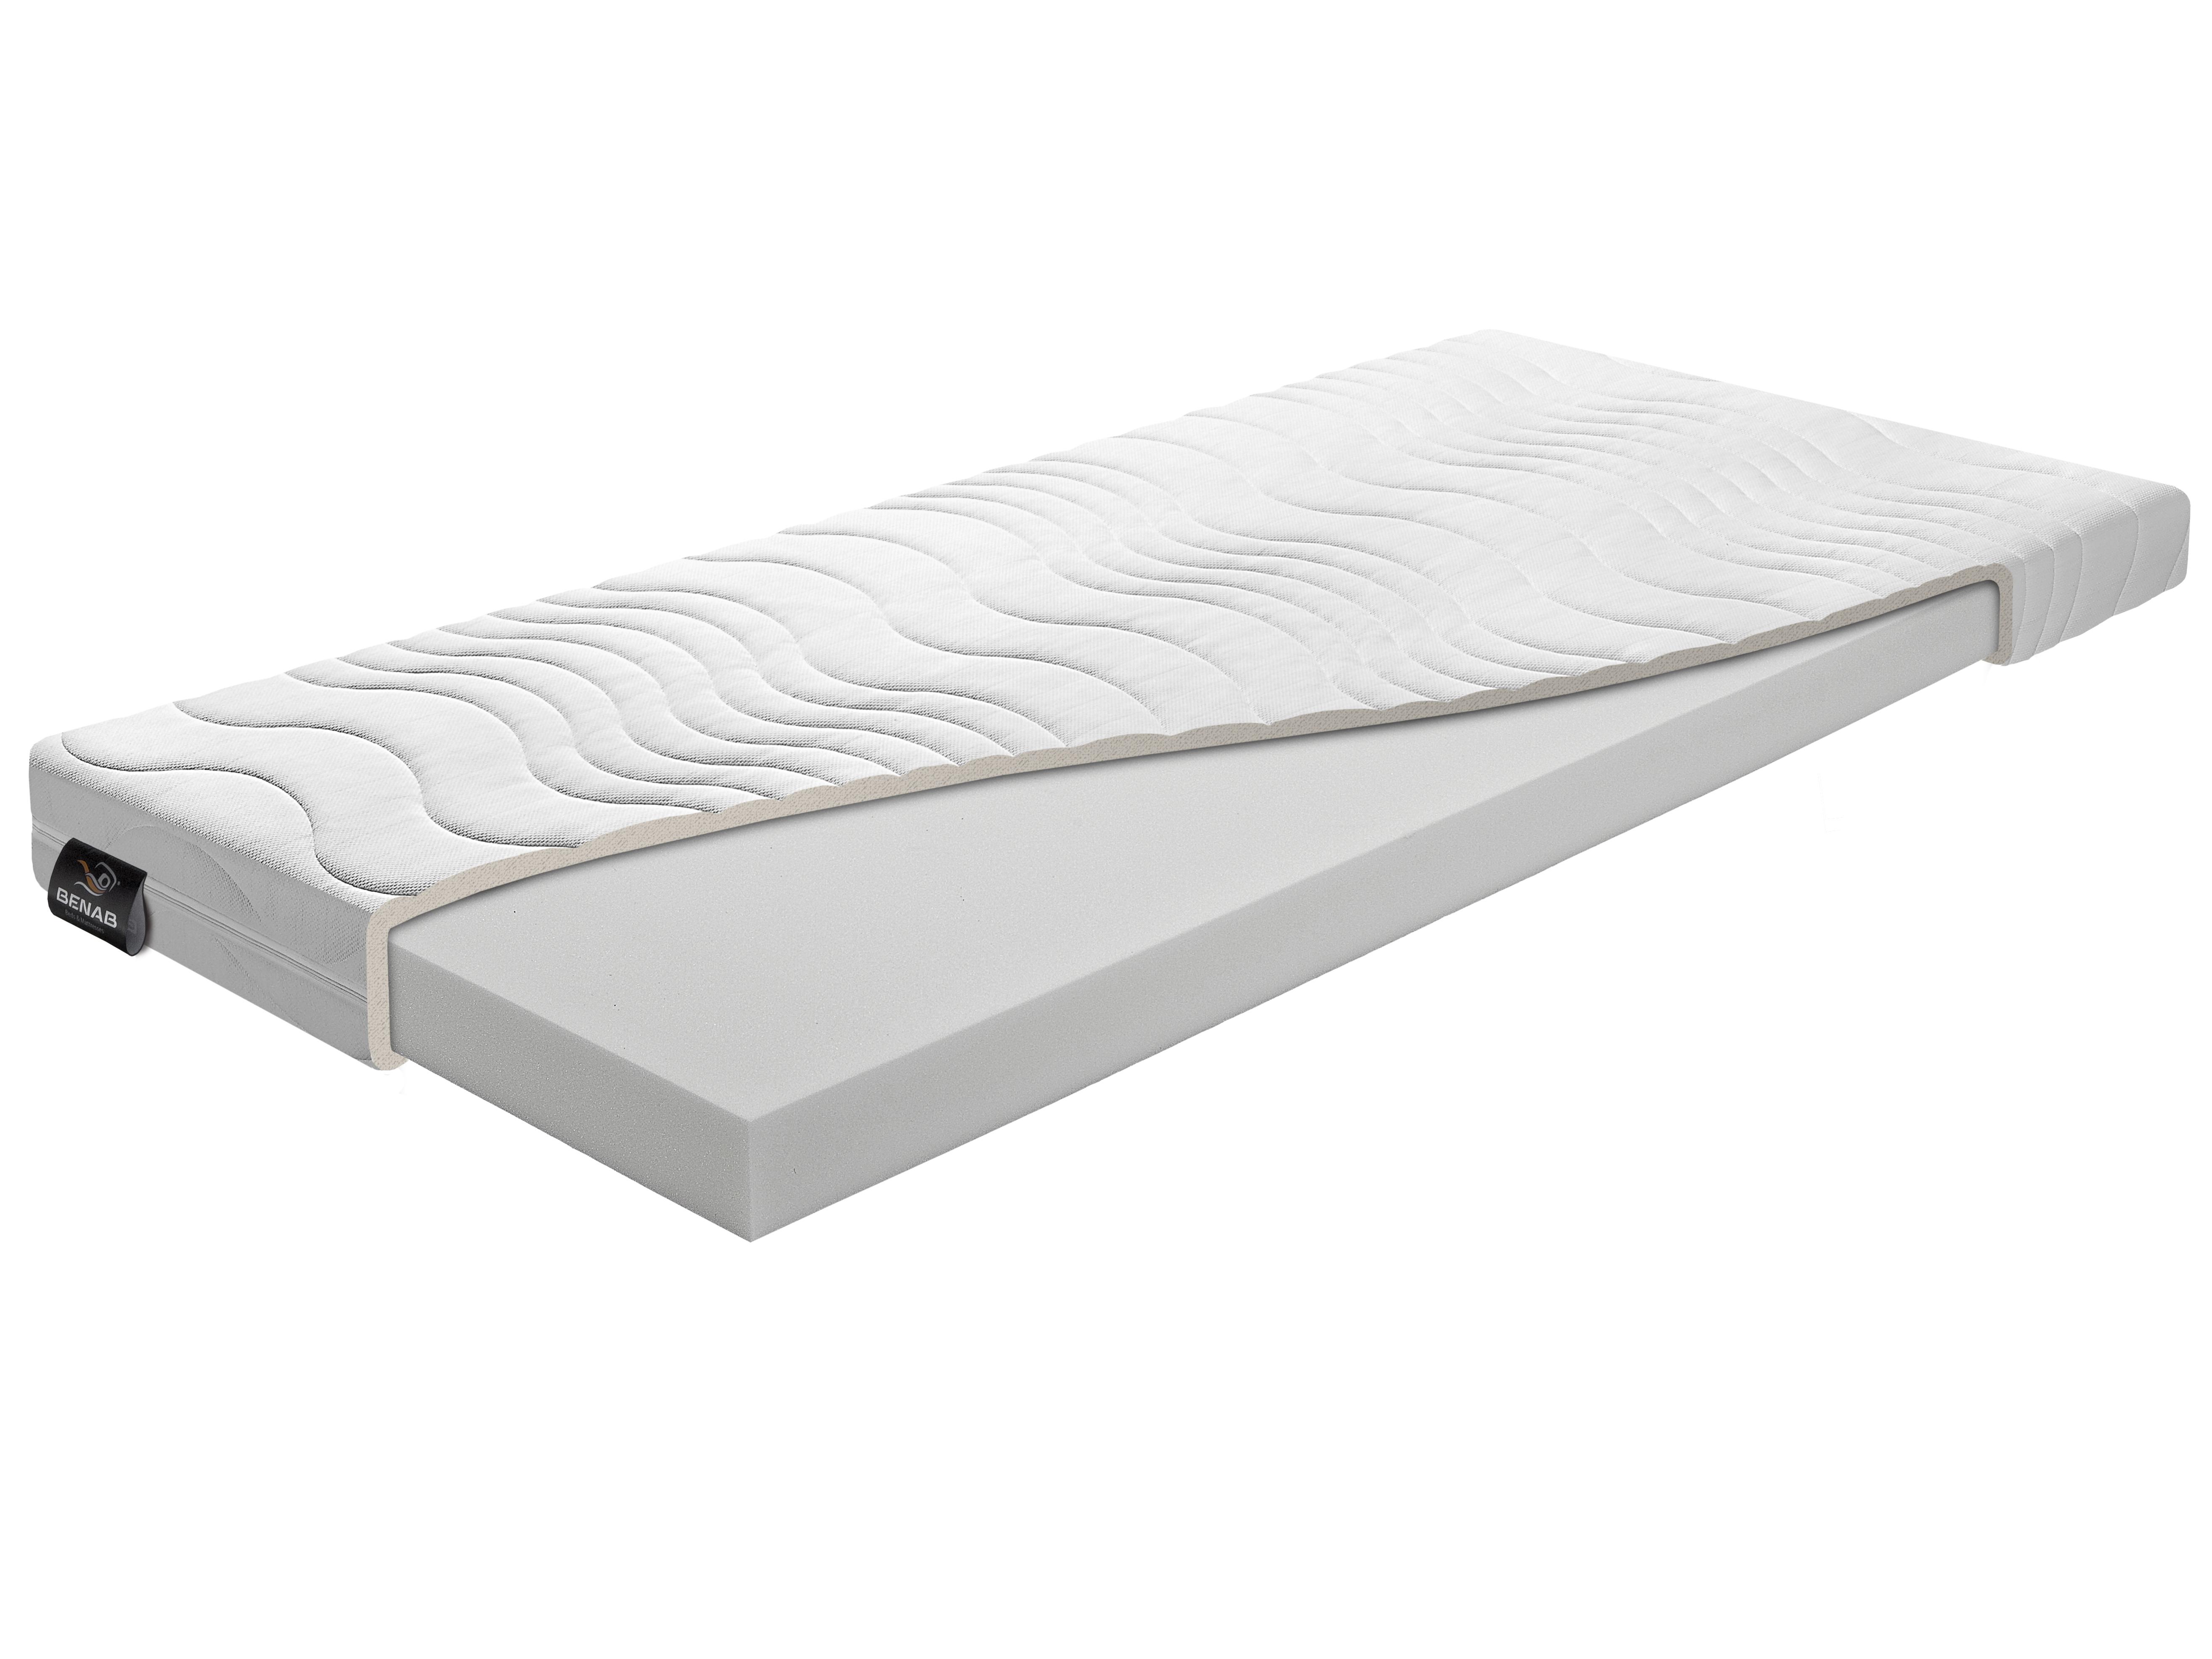 Pěnová matrace - Benab - Simple Pur - Atypický rozměr (cena za 1 m2) (T3). Oblíbená, vzdušná, zdravo